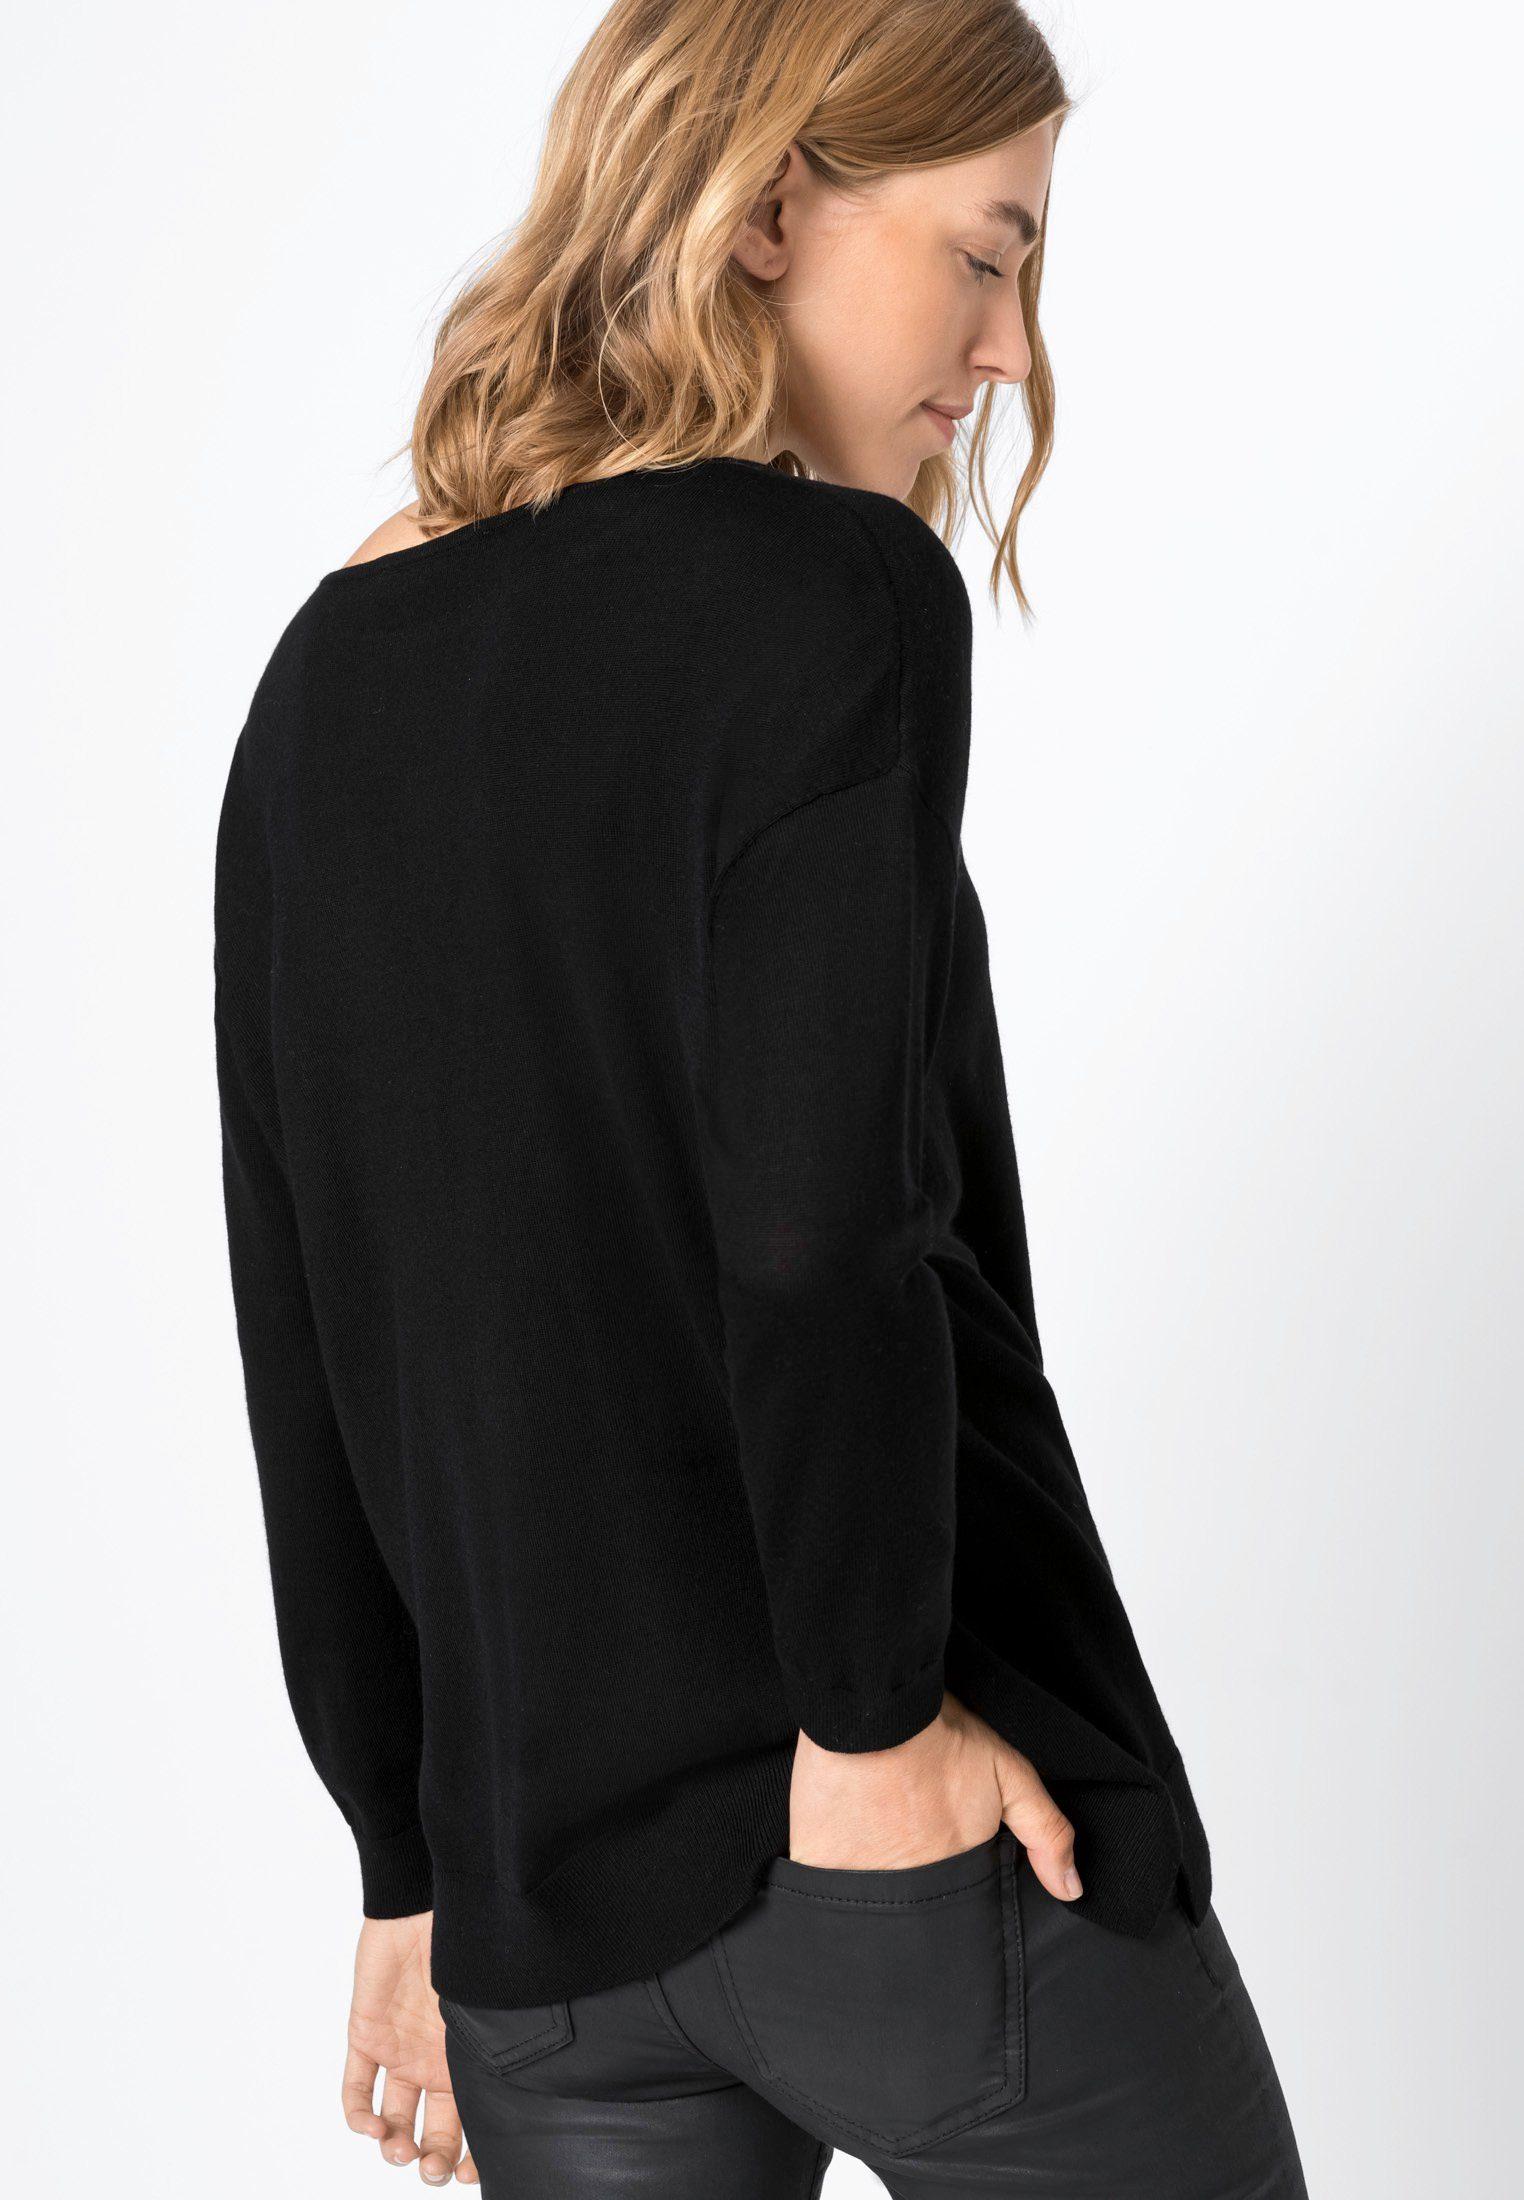 Oversize Hallhuber Kaufen Online In Wollpullover EbYH9eWD2I